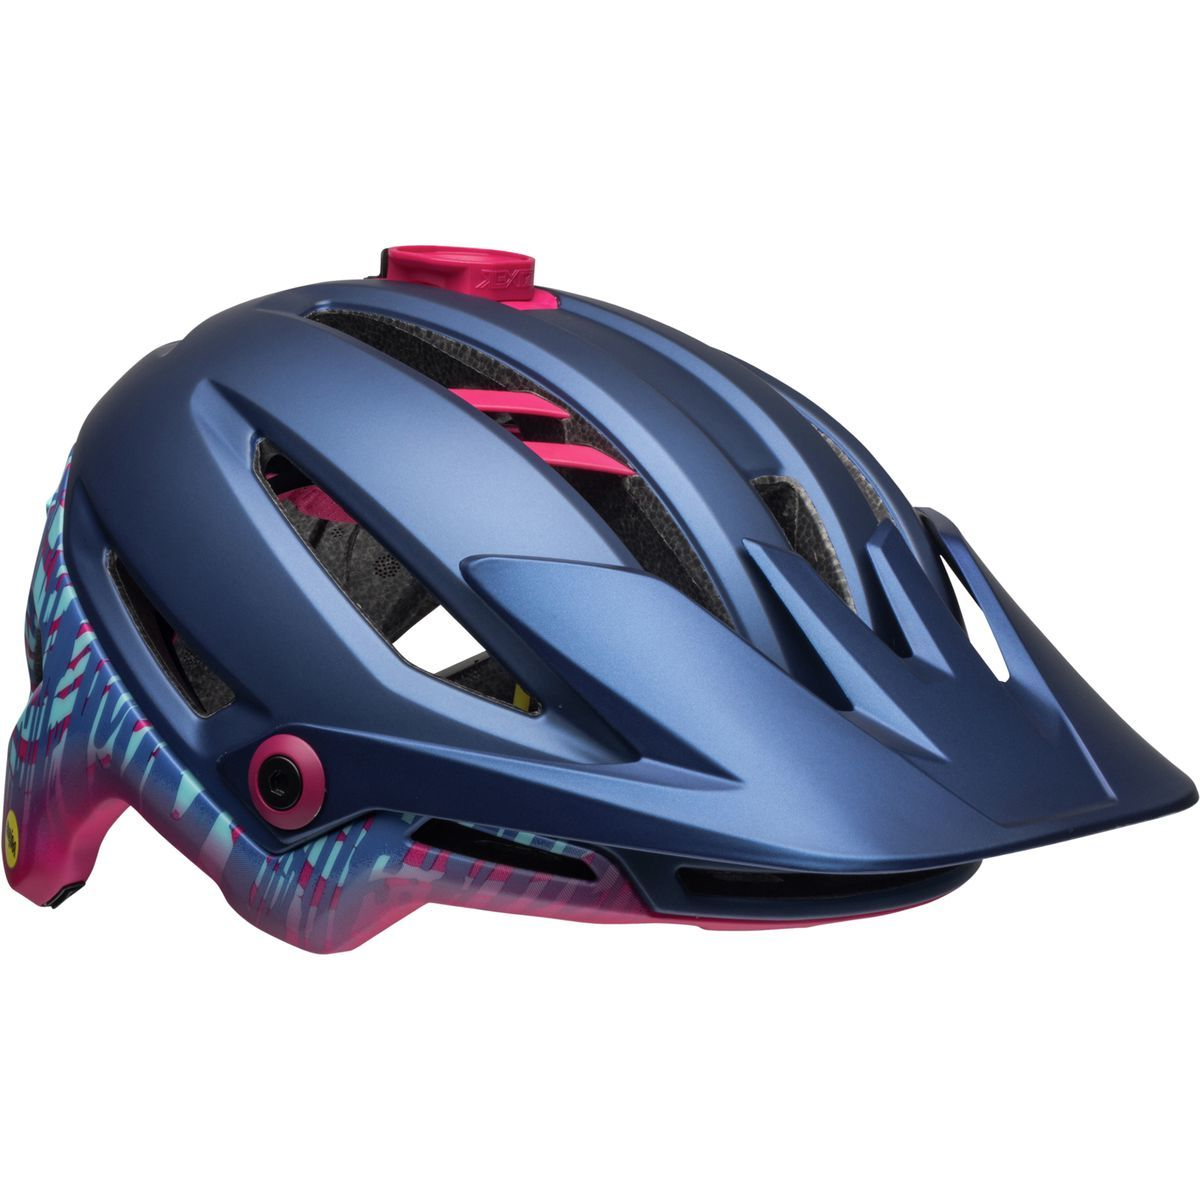 Bell Sixer MIPS Helmet - Women's